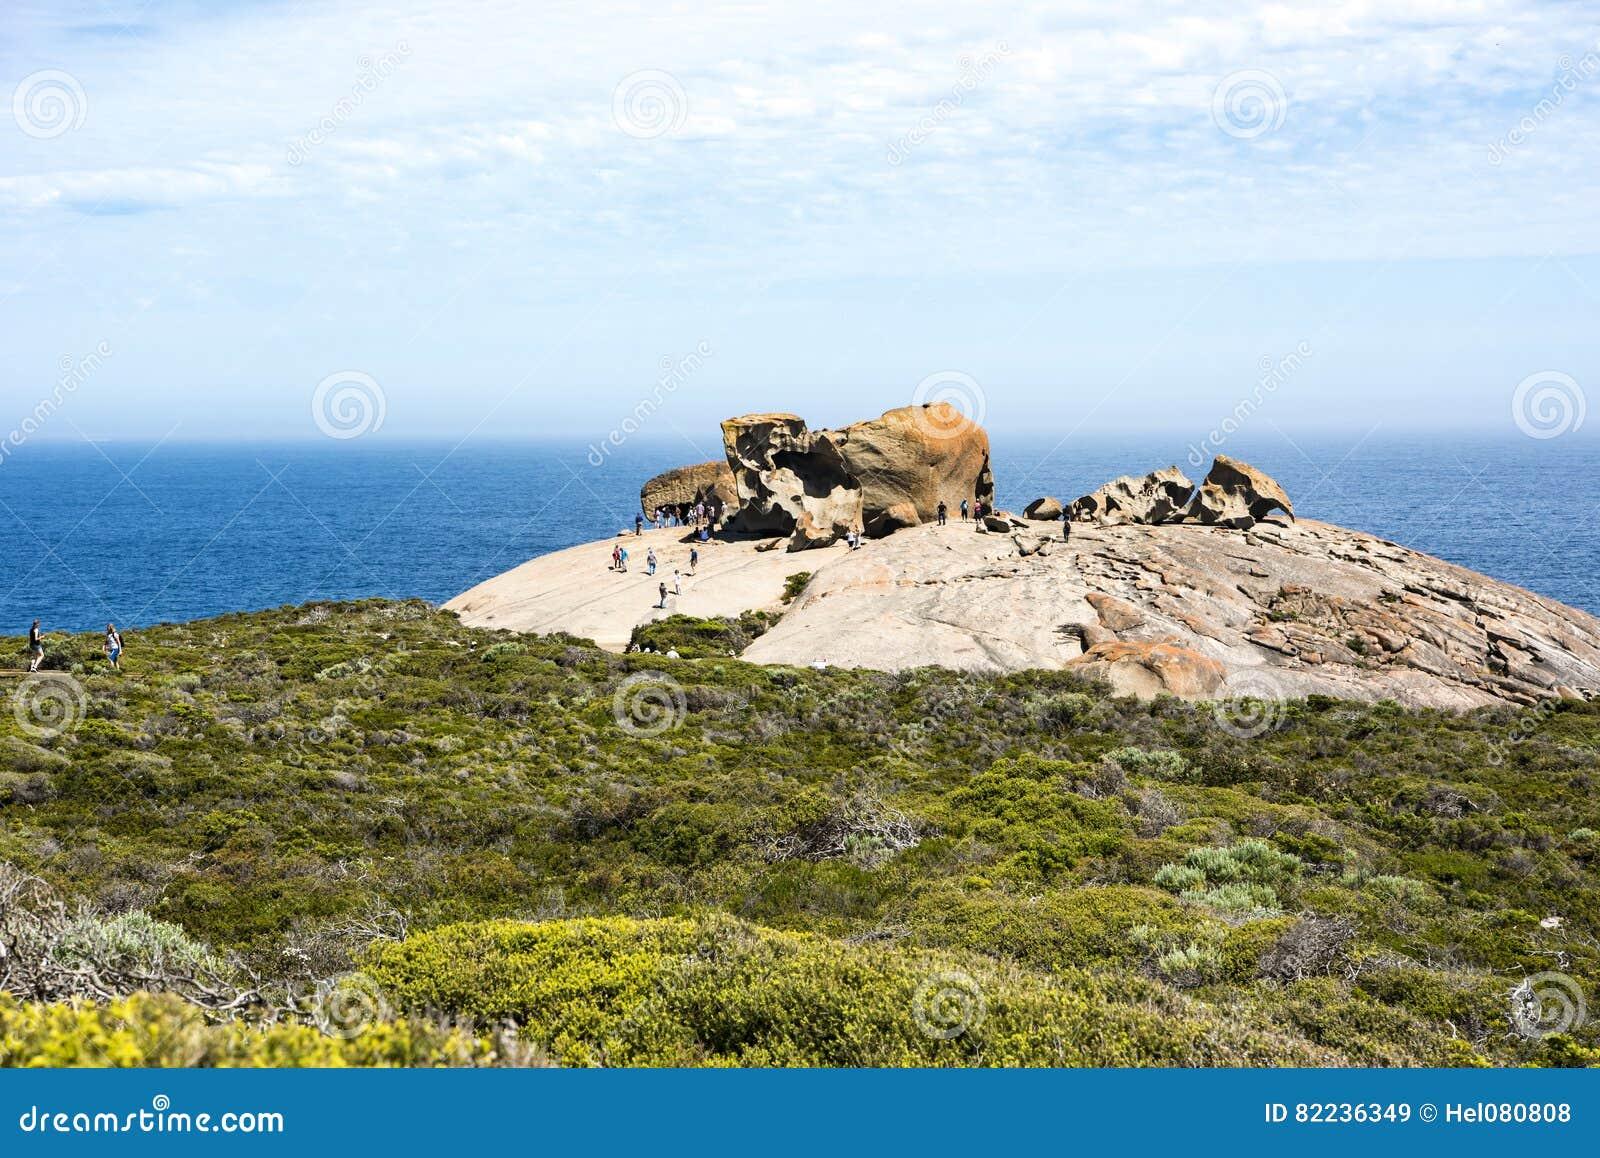 Isola notevole del canguro di rocce, Australia